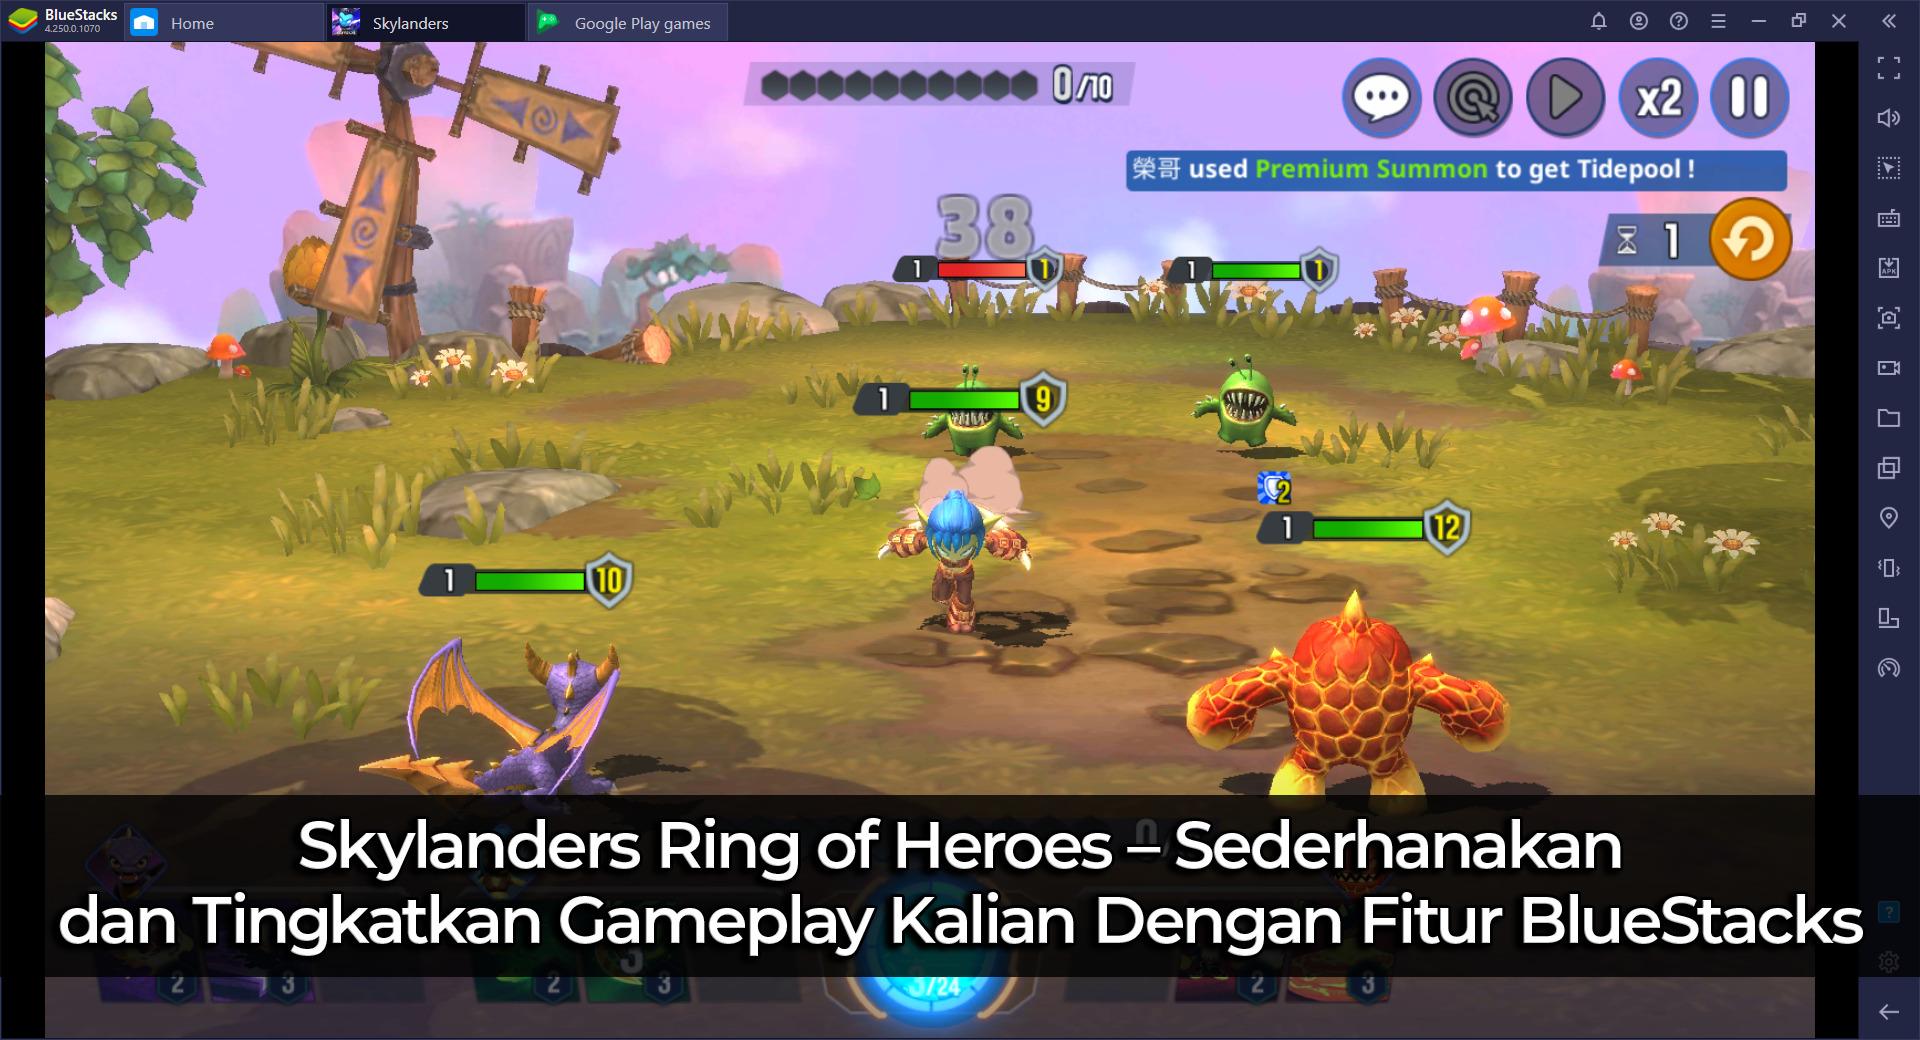 Skylanders Ring of Heroes – Sederhanakan dan Tingkatkan Gameplay Kalian Dengan Fitur BlueStacks